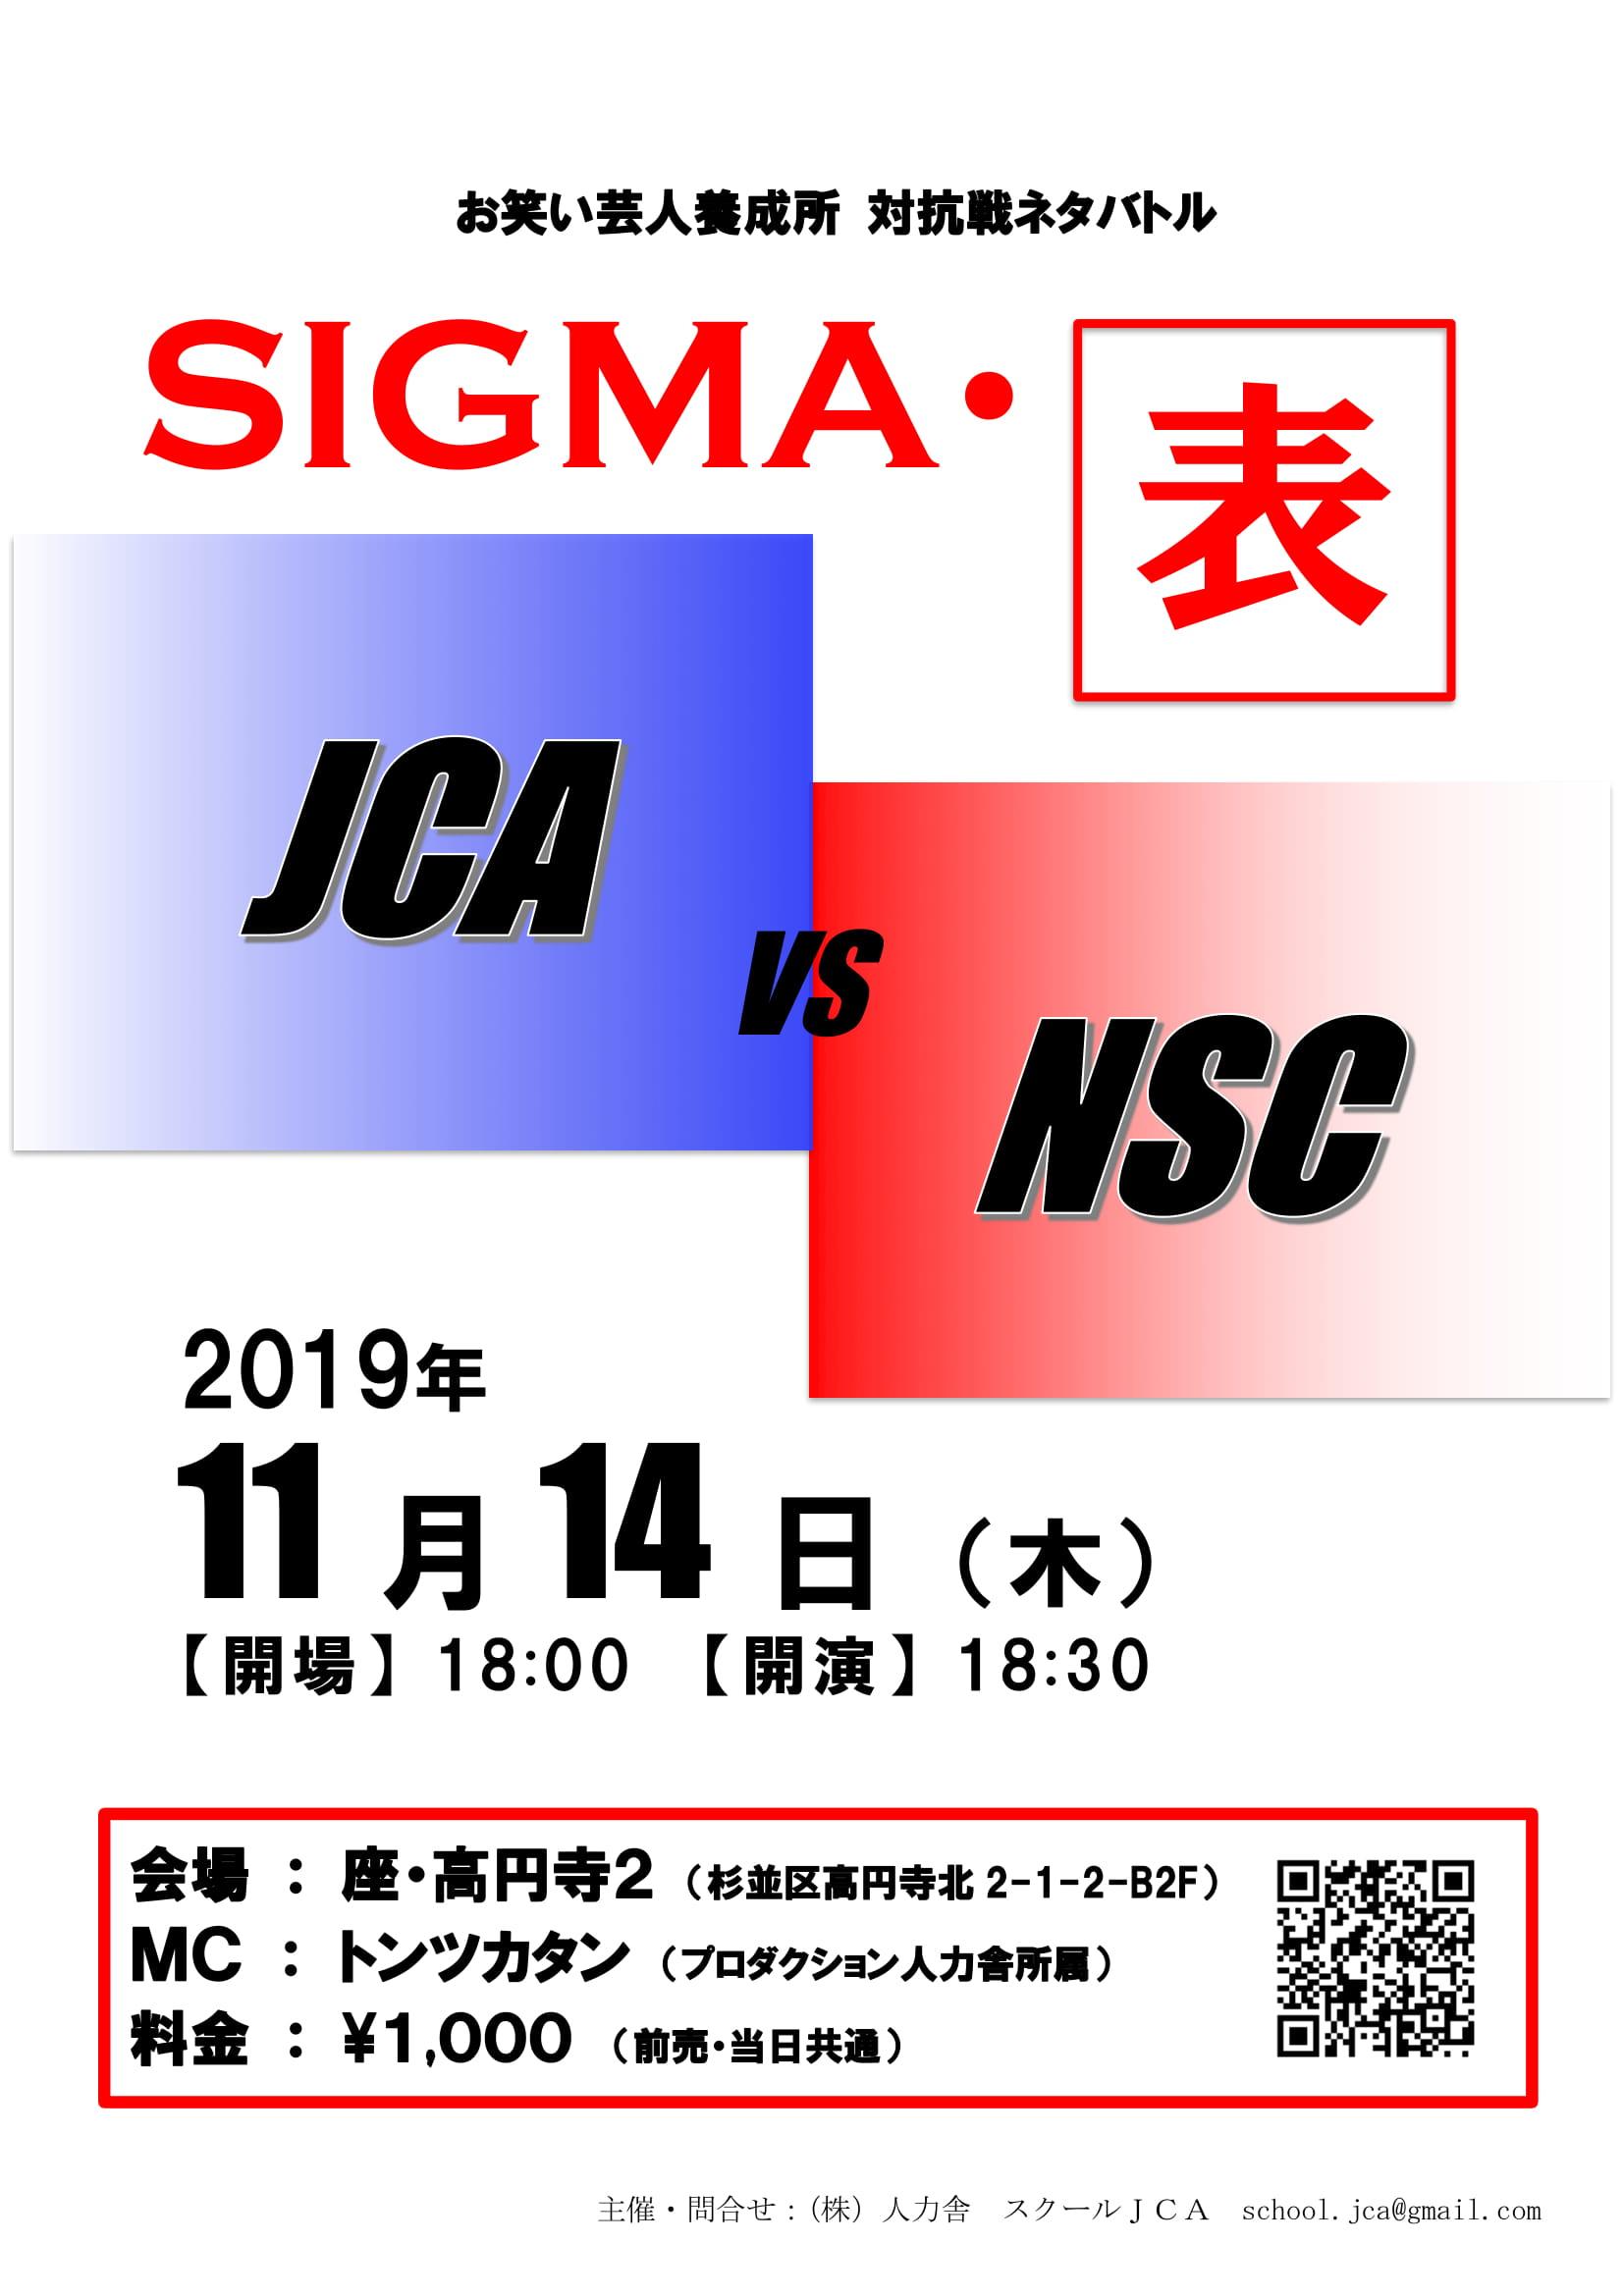 SIGMA表2019チラシ-1.jpg